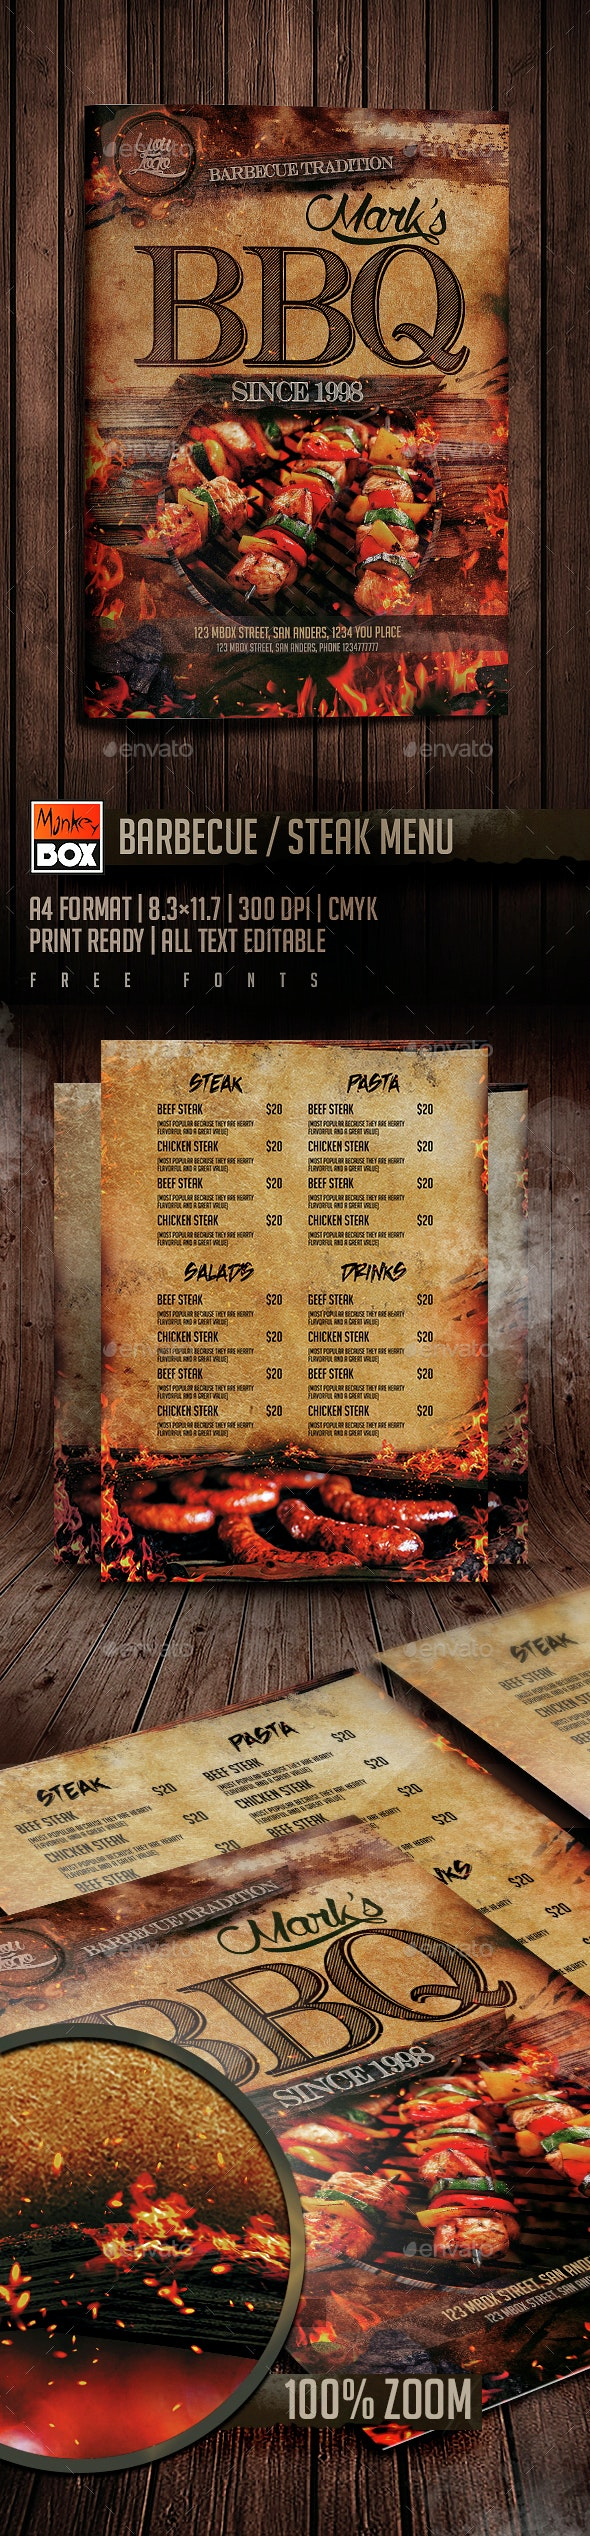 Cardápio Bife do BBQ